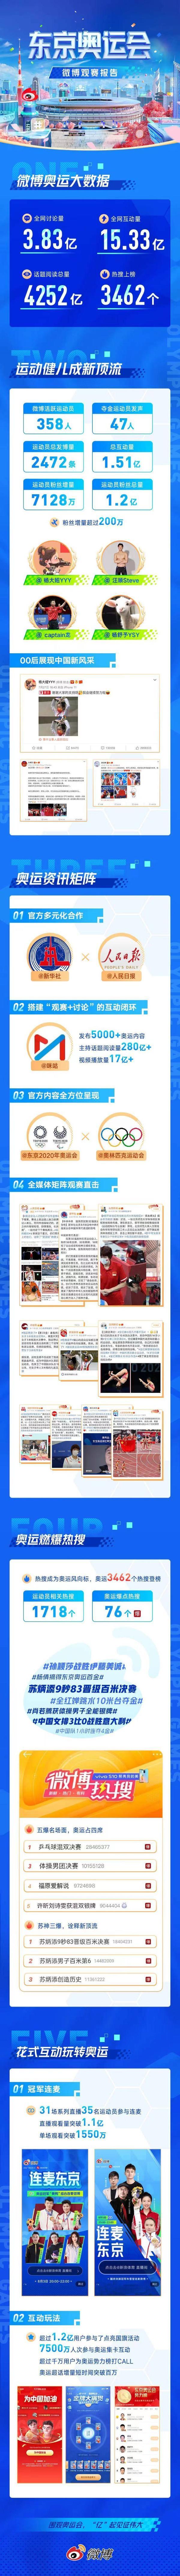 微博晒出东京奥运成绩单:网友互动量超15亿次 参赛选手粉丝增量超七千万